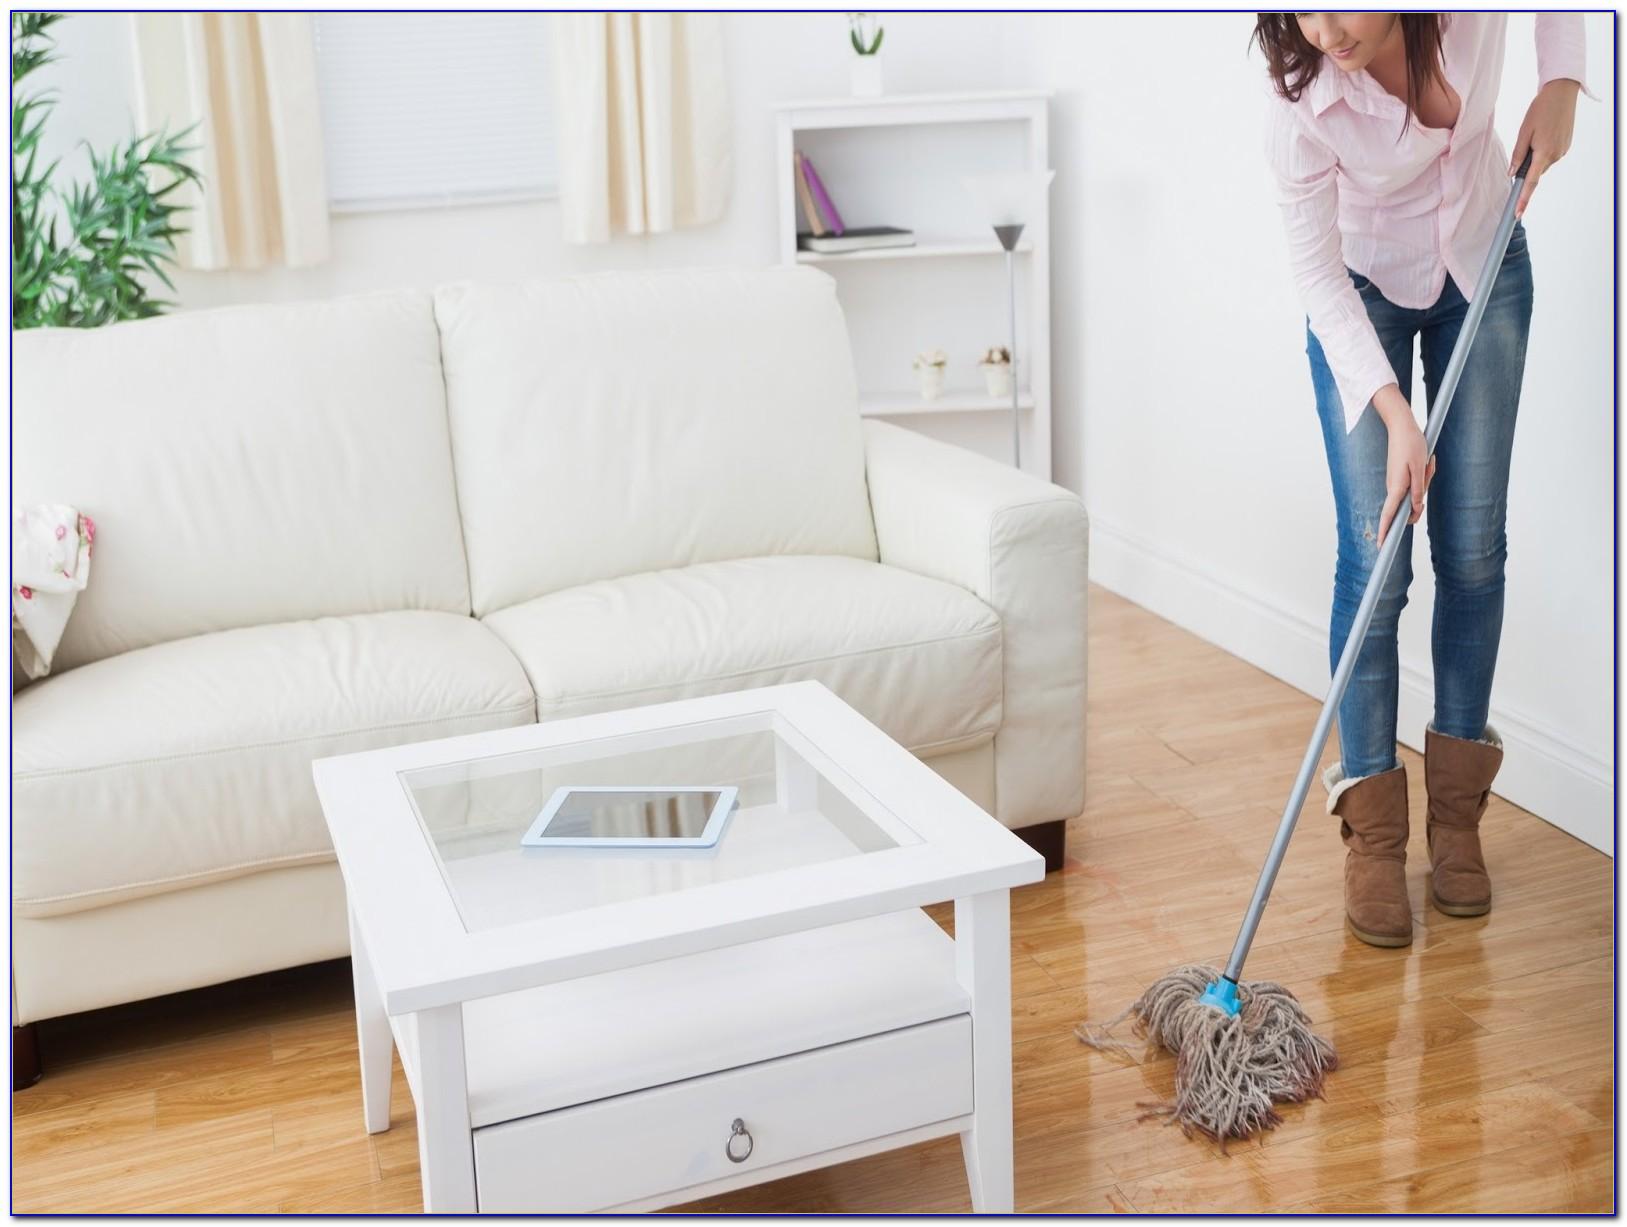 Wet Mops For Tile Floors